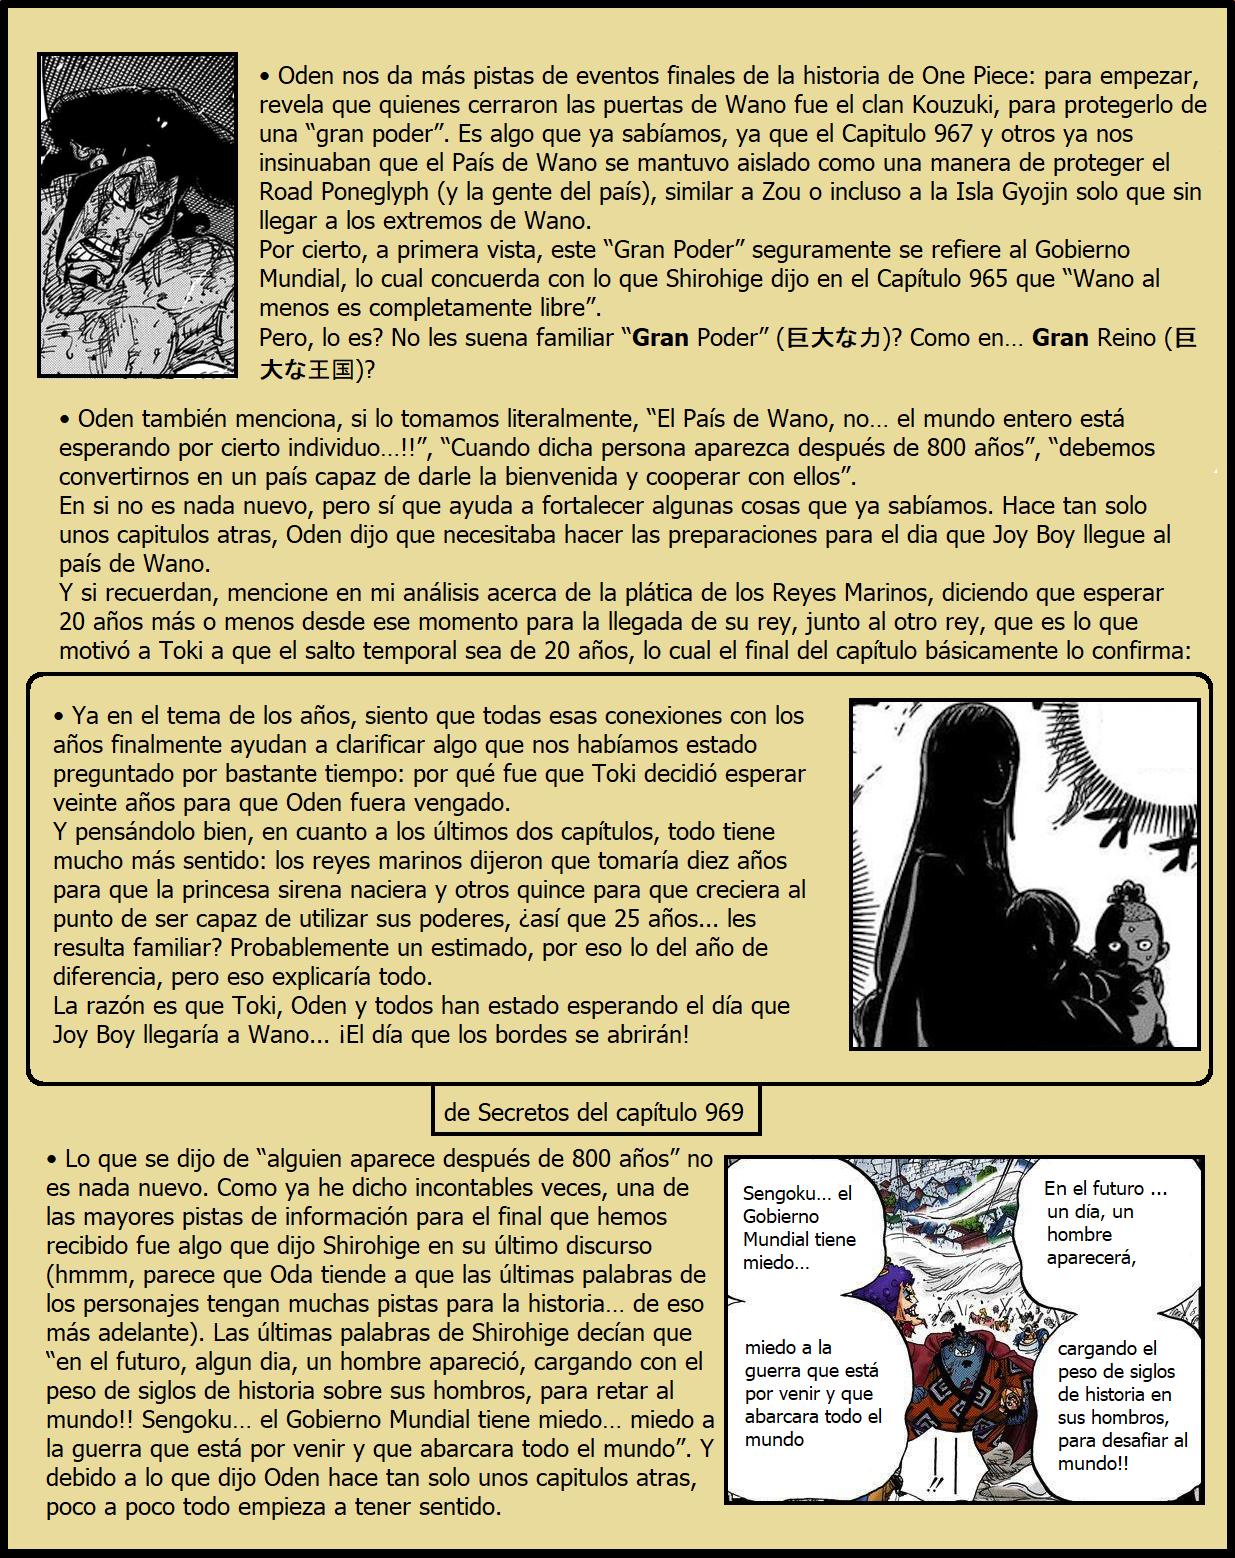 Secretos & Curiosidades - One Piece Manga 972 03